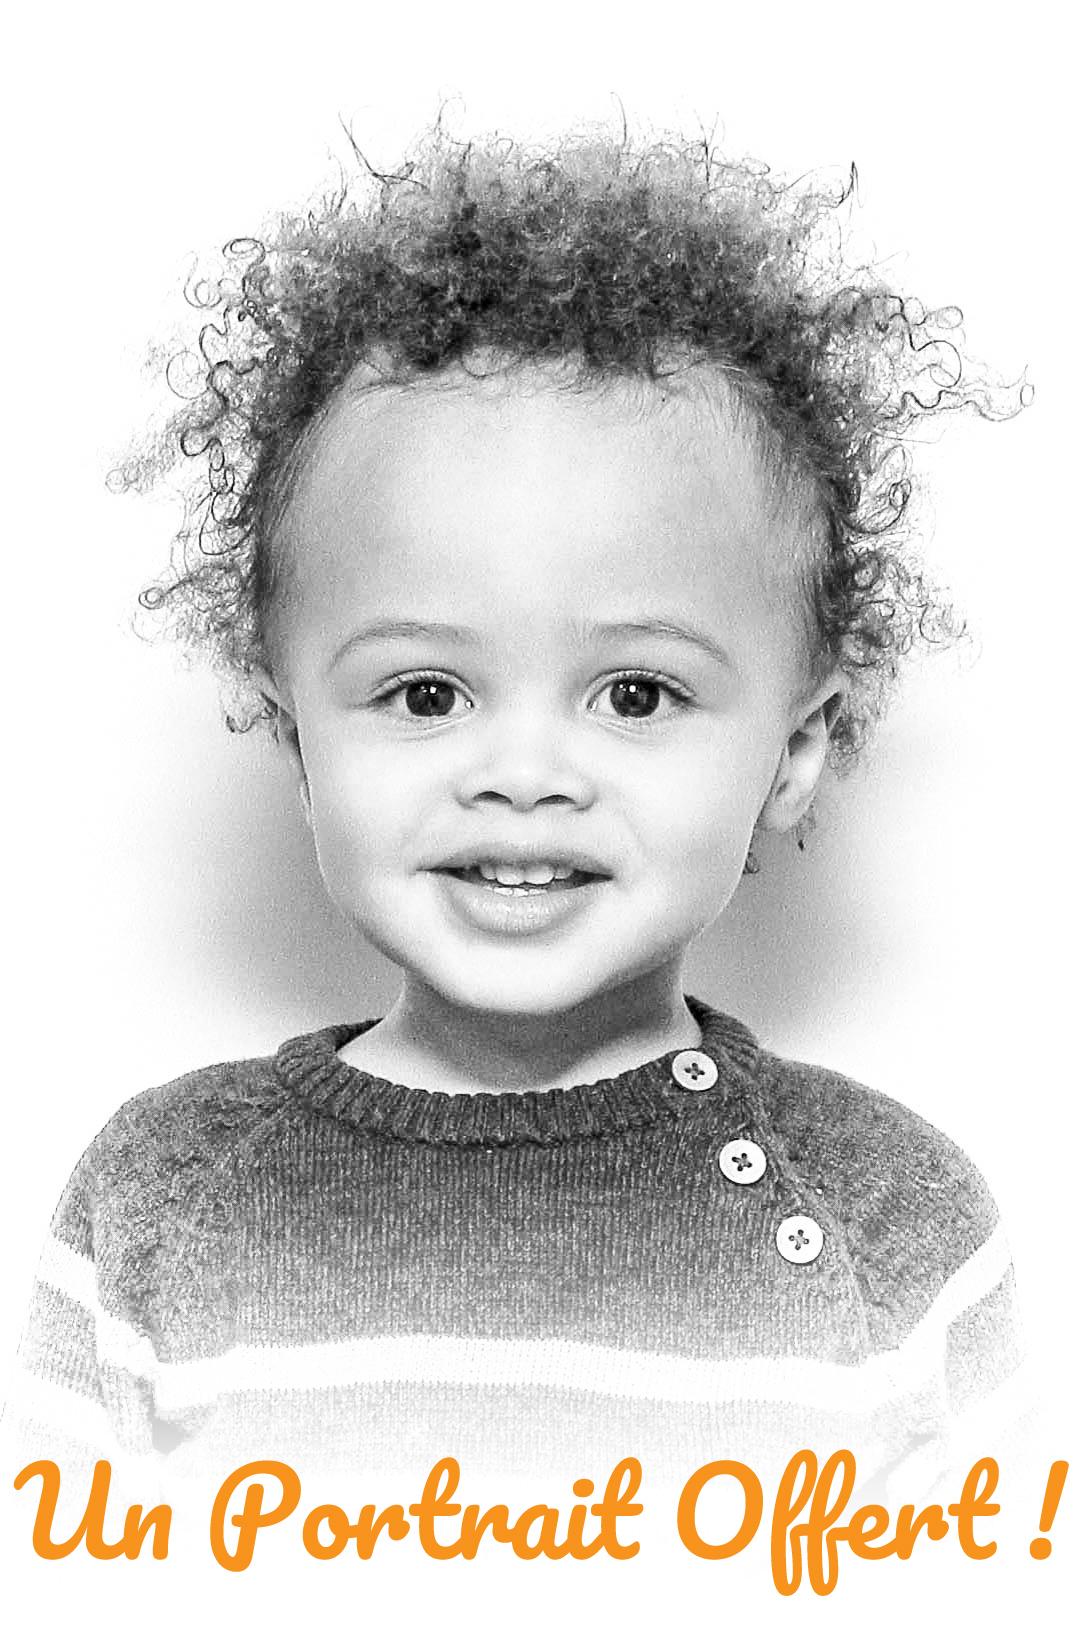 photos-identites-bebe-enfant-a-grenoble-cadeaux-new.jpg